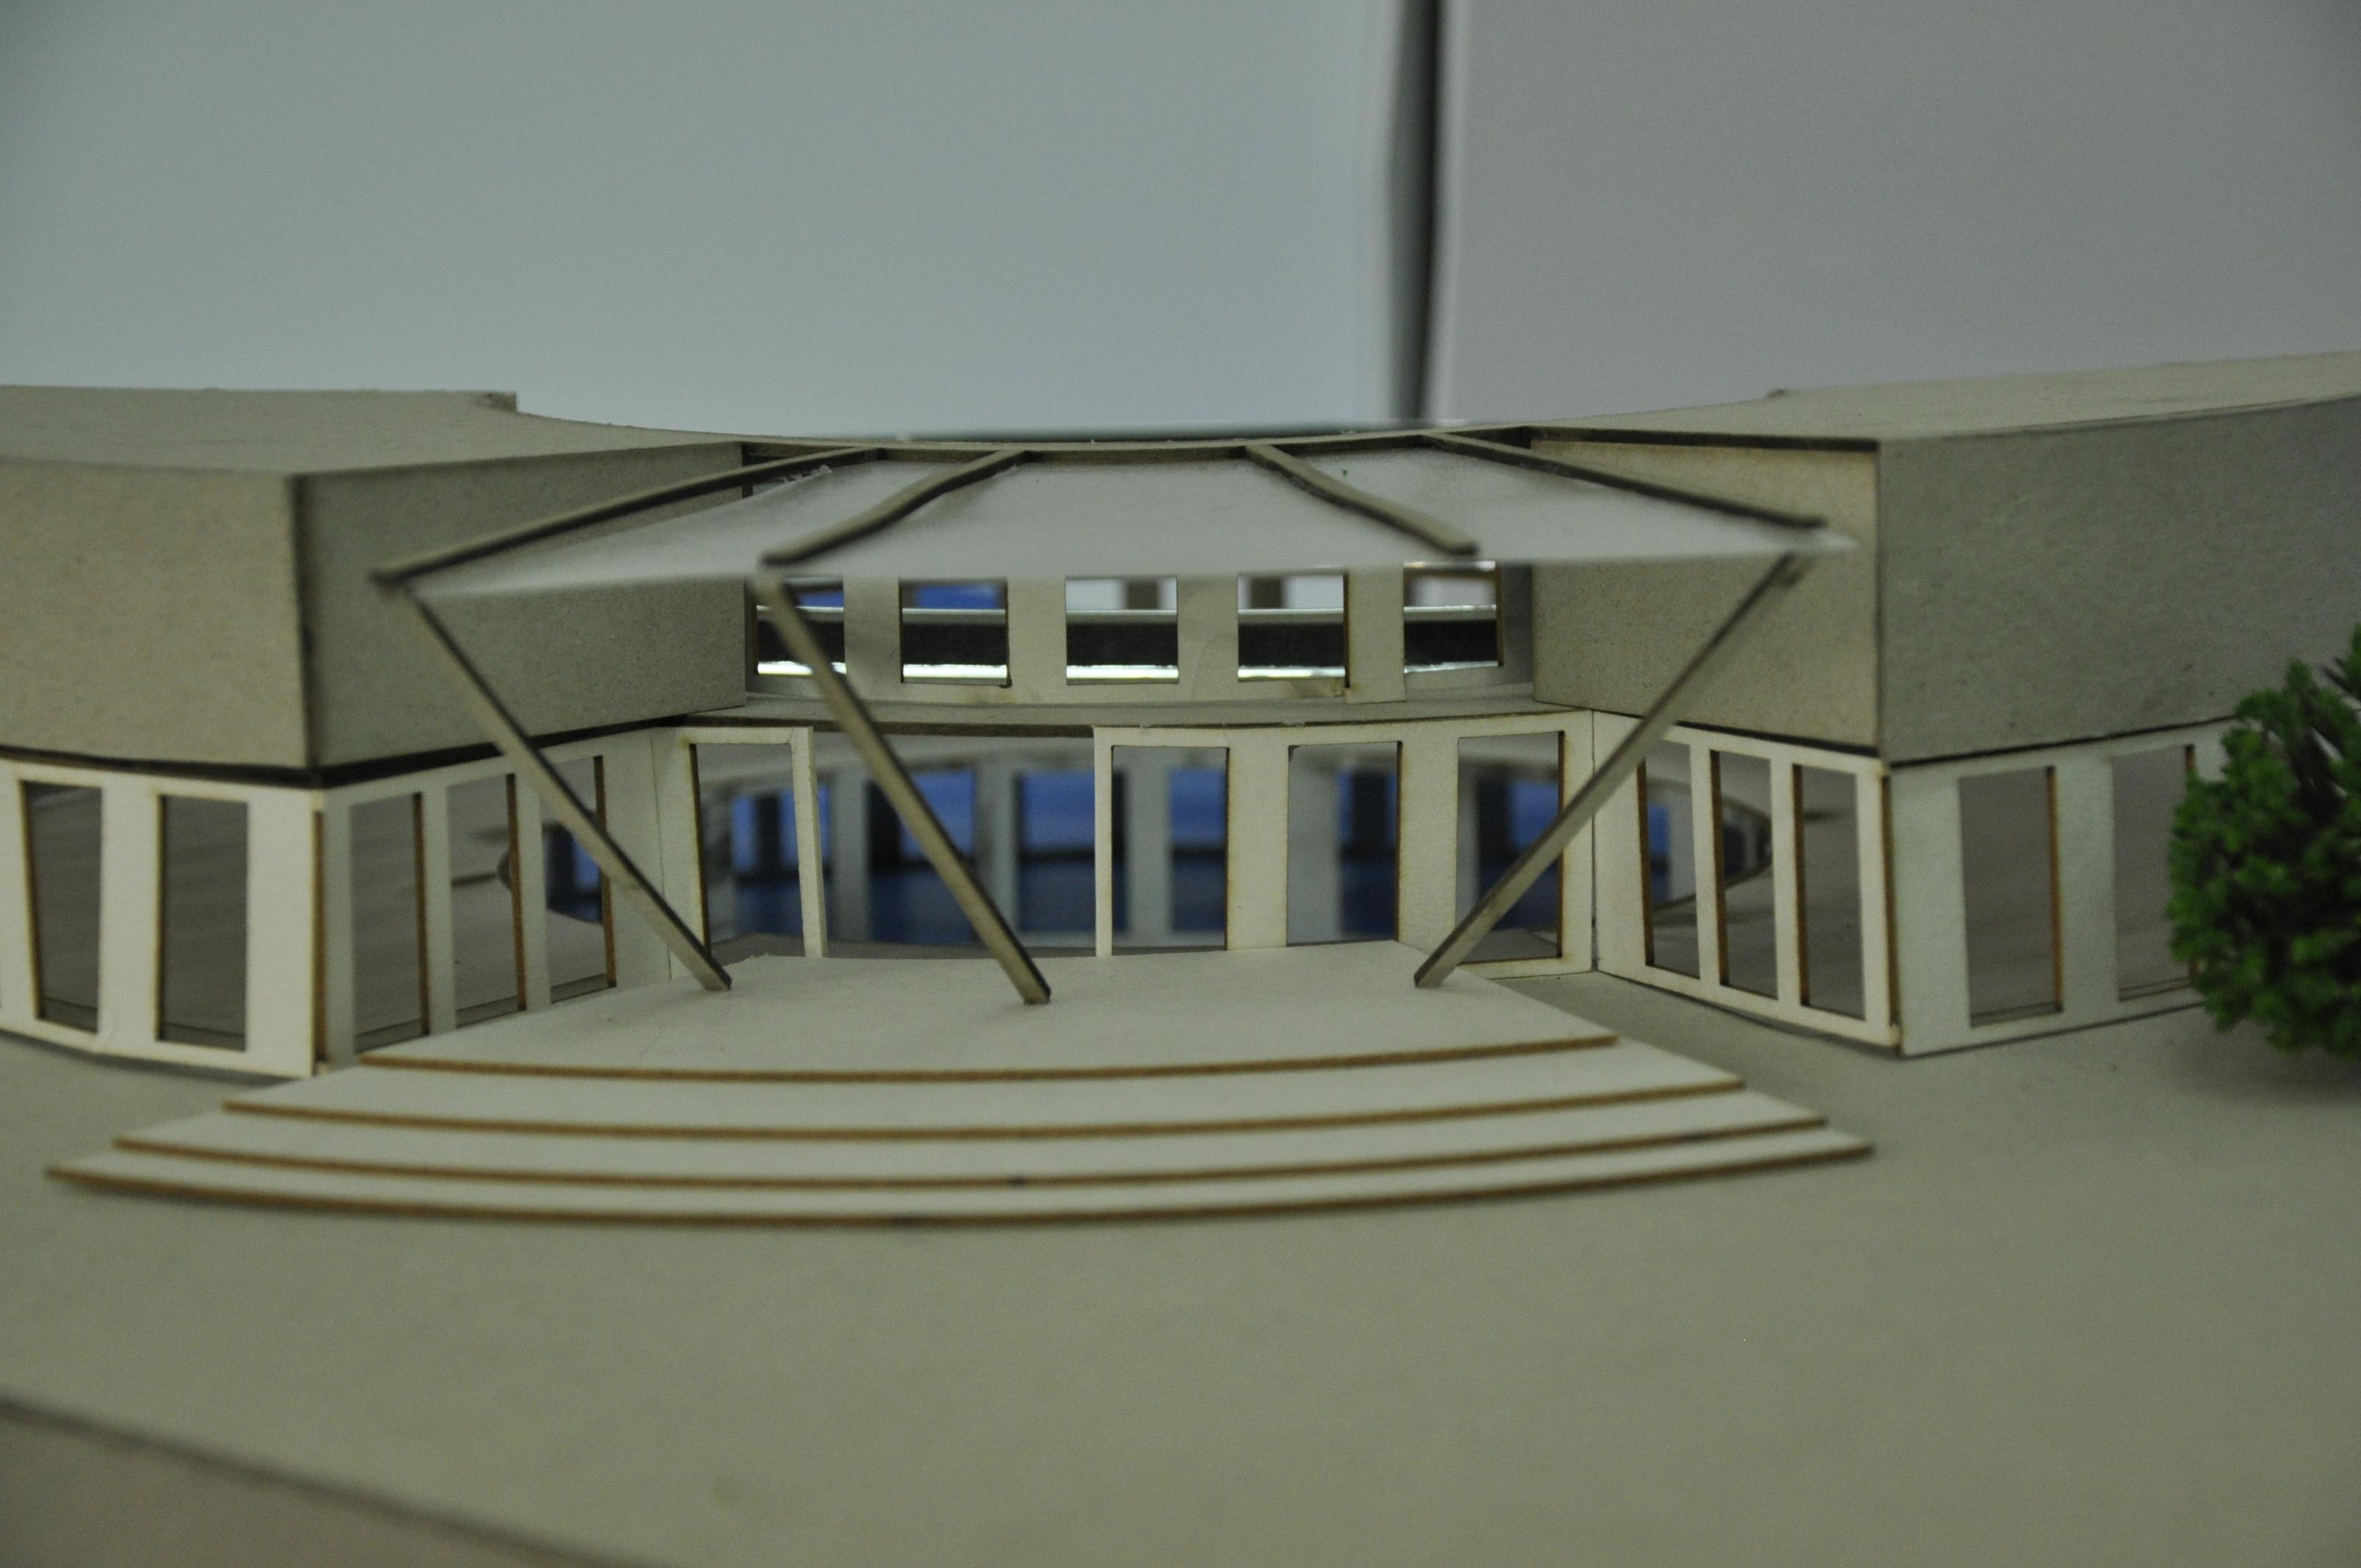 תכנון מרכז ספורט ימי, הנדסאי אדריכלות. מגישה עדן פז, מנחה תמיר גרינברג. צילום: מאיה לוי - שנקר הנדסאים